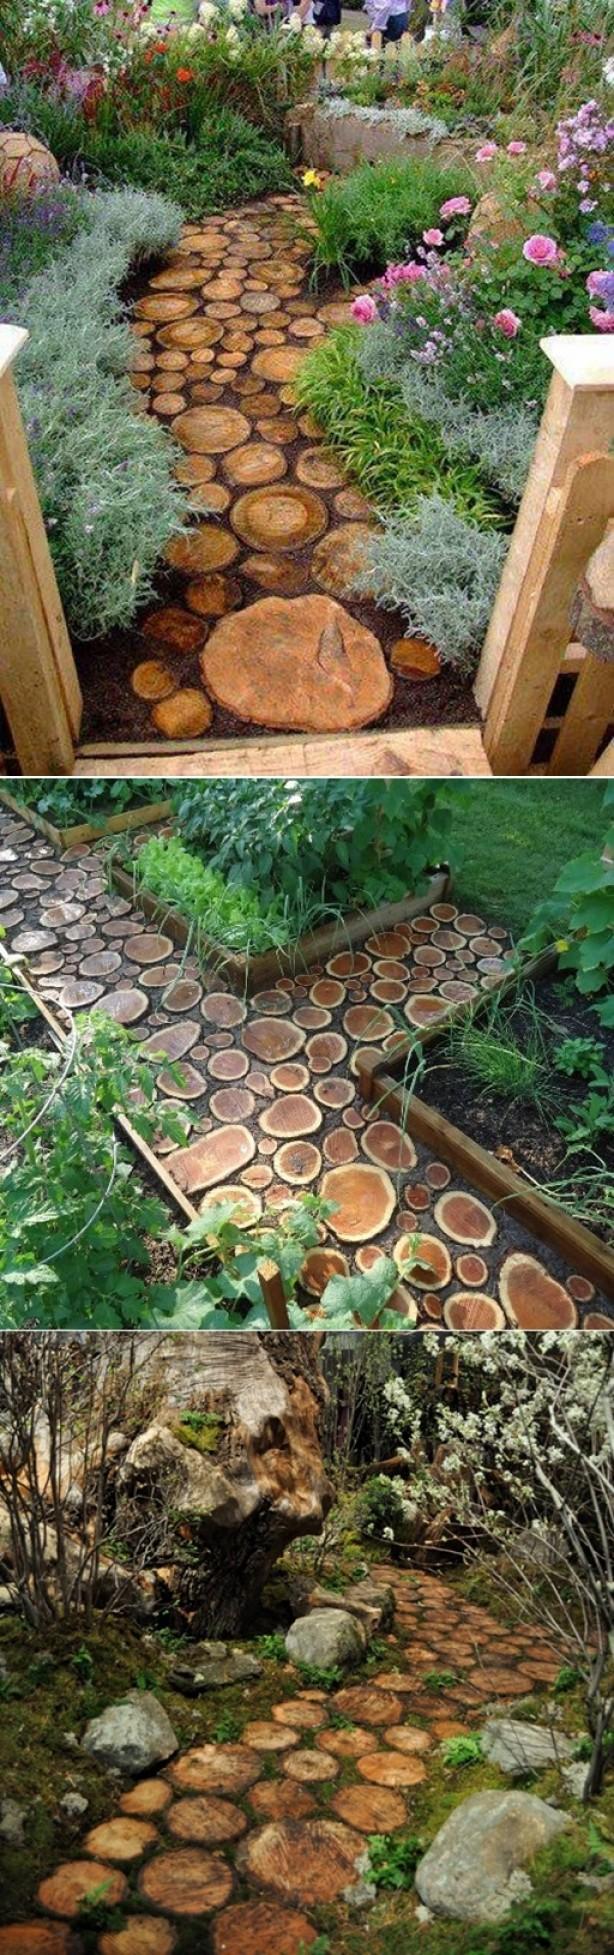 Dit is wel een heel mooi natuurlijk pas voor in de tuin! GAAF!